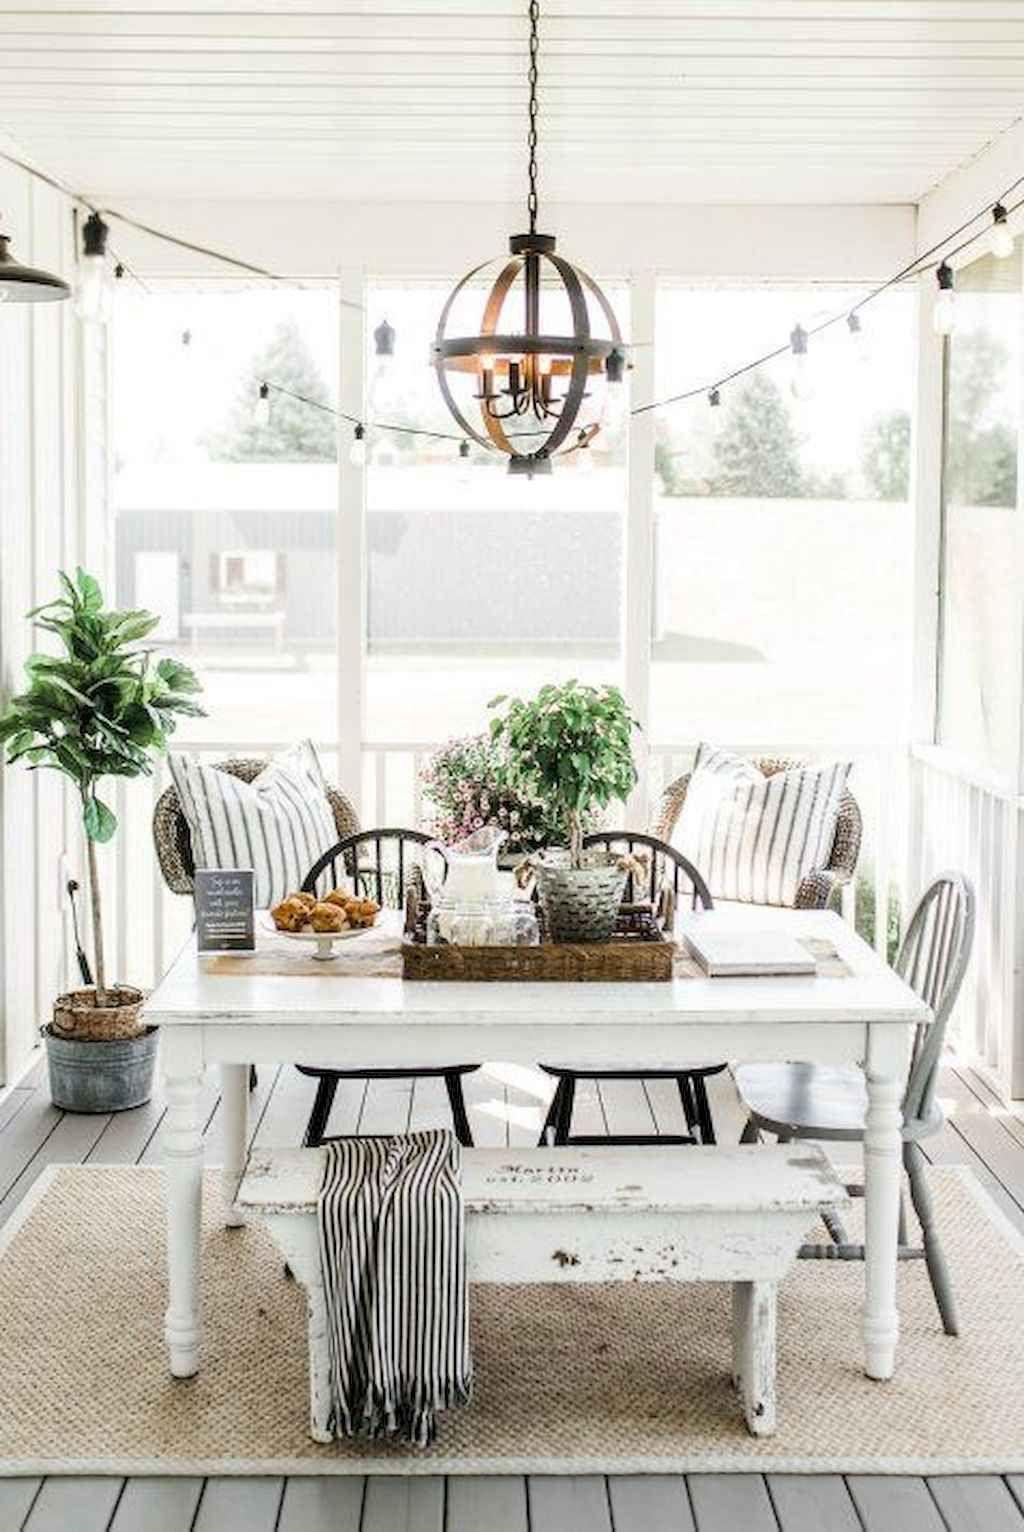 55 Cozy Modern Farmhouse Sunroom Decor Ideas images